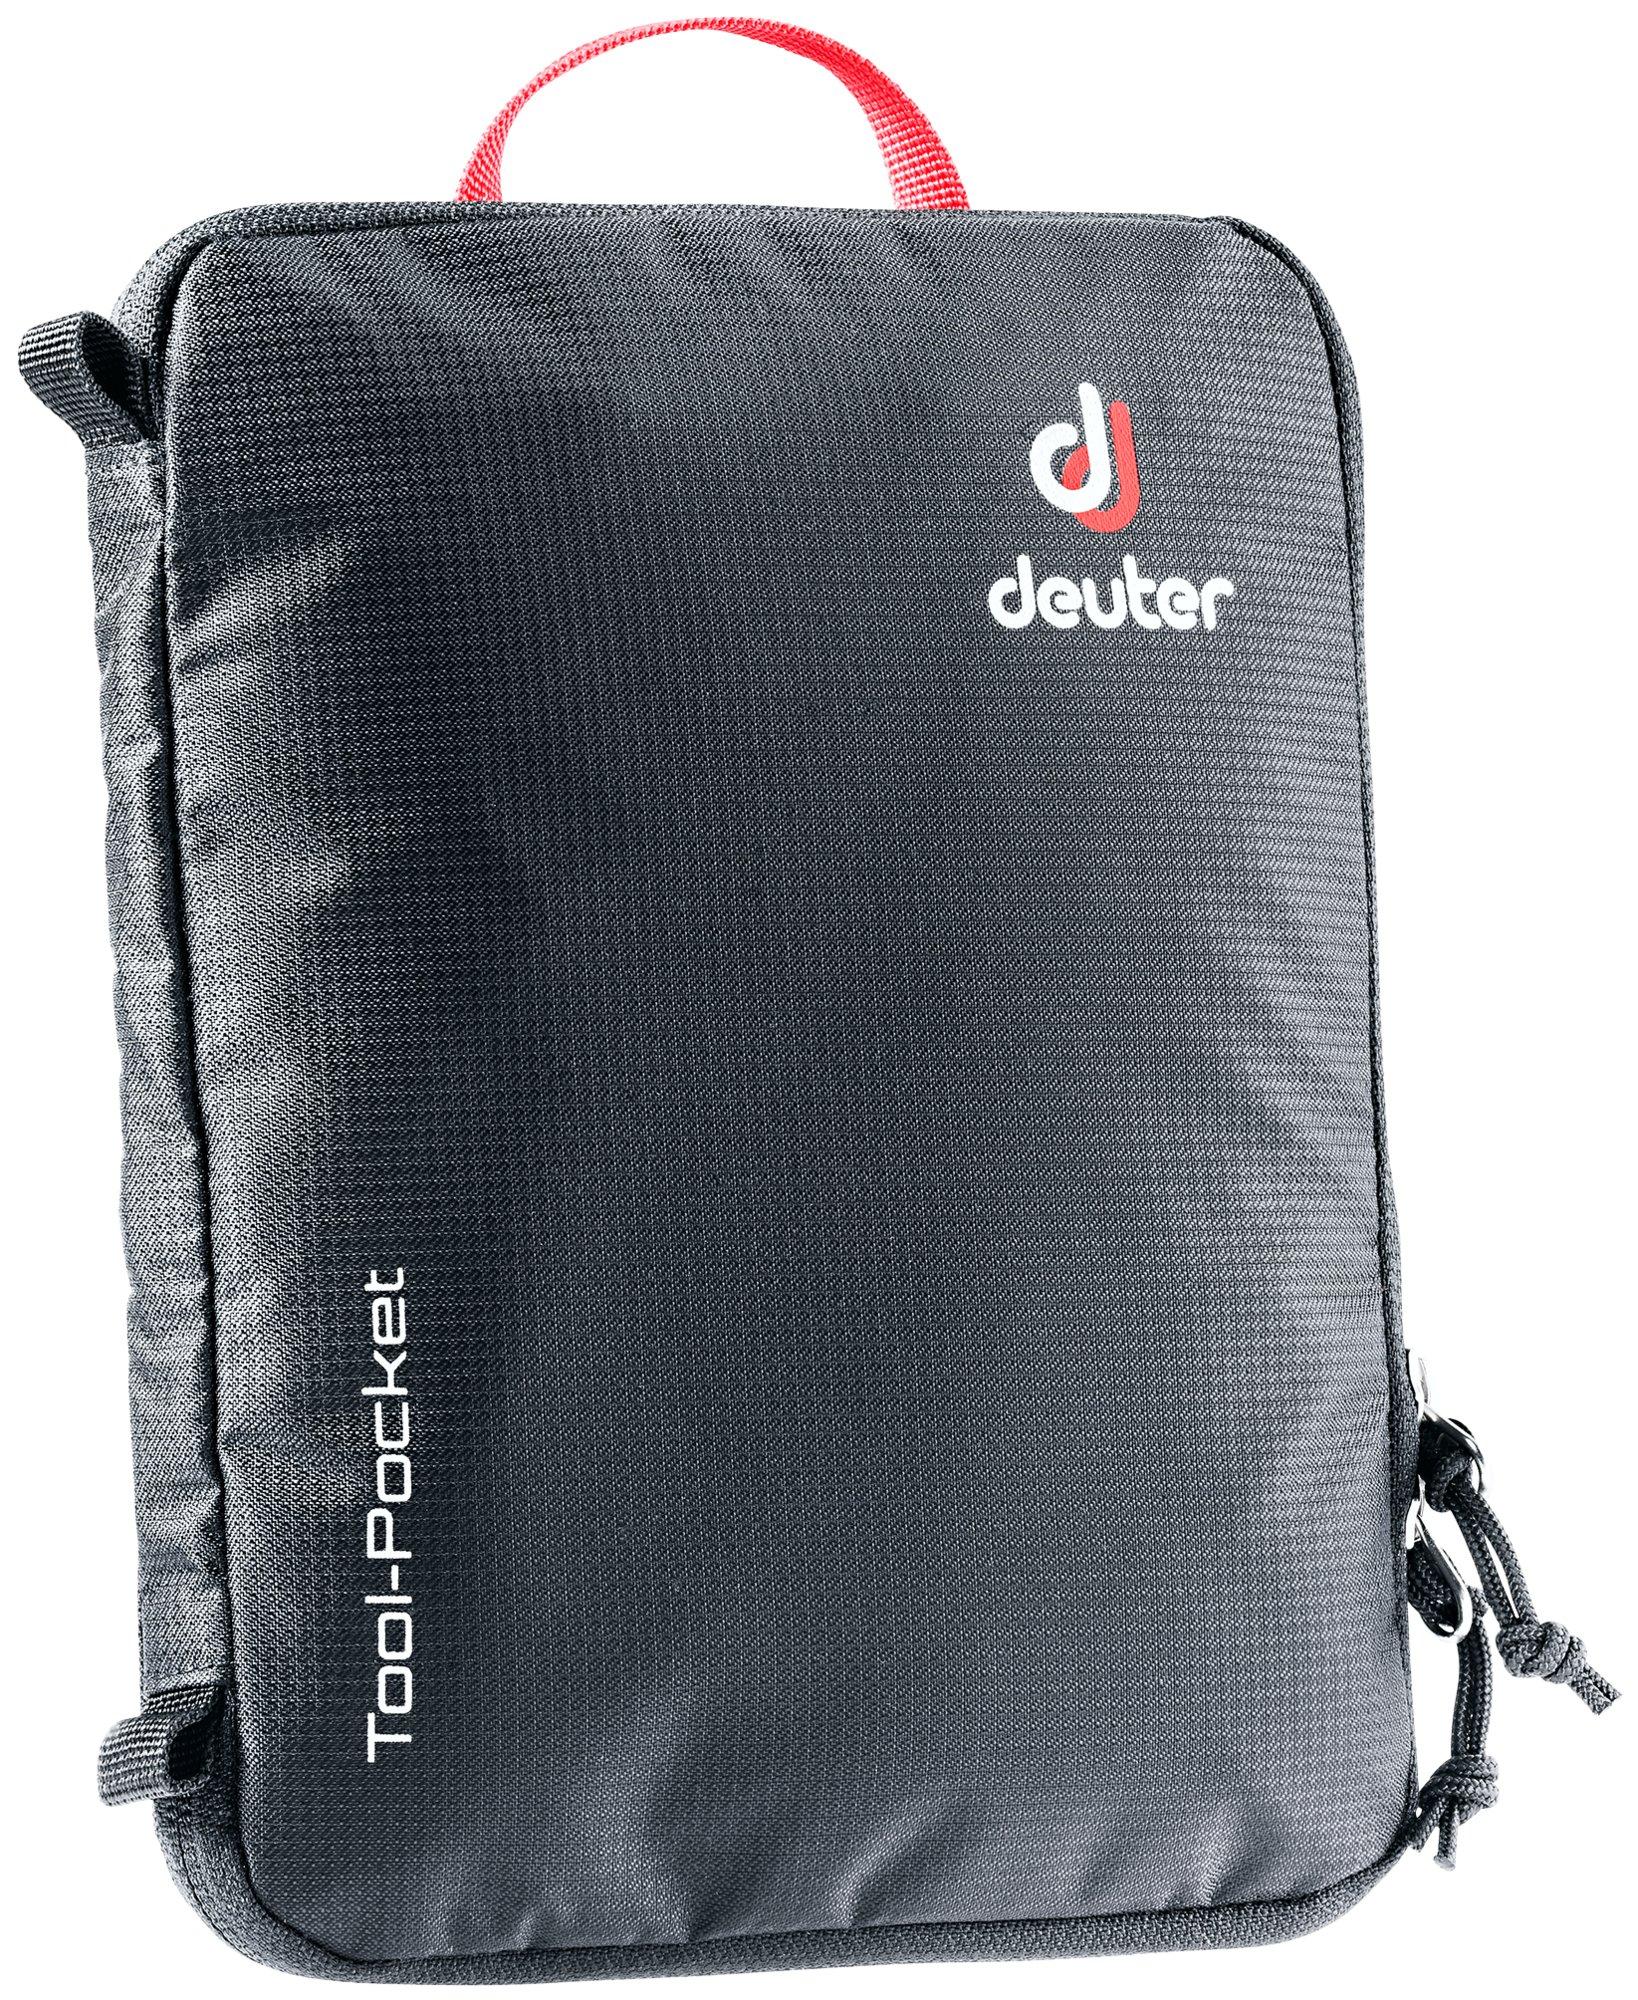 Deuter - Tool Pocket, Fahrradtasche